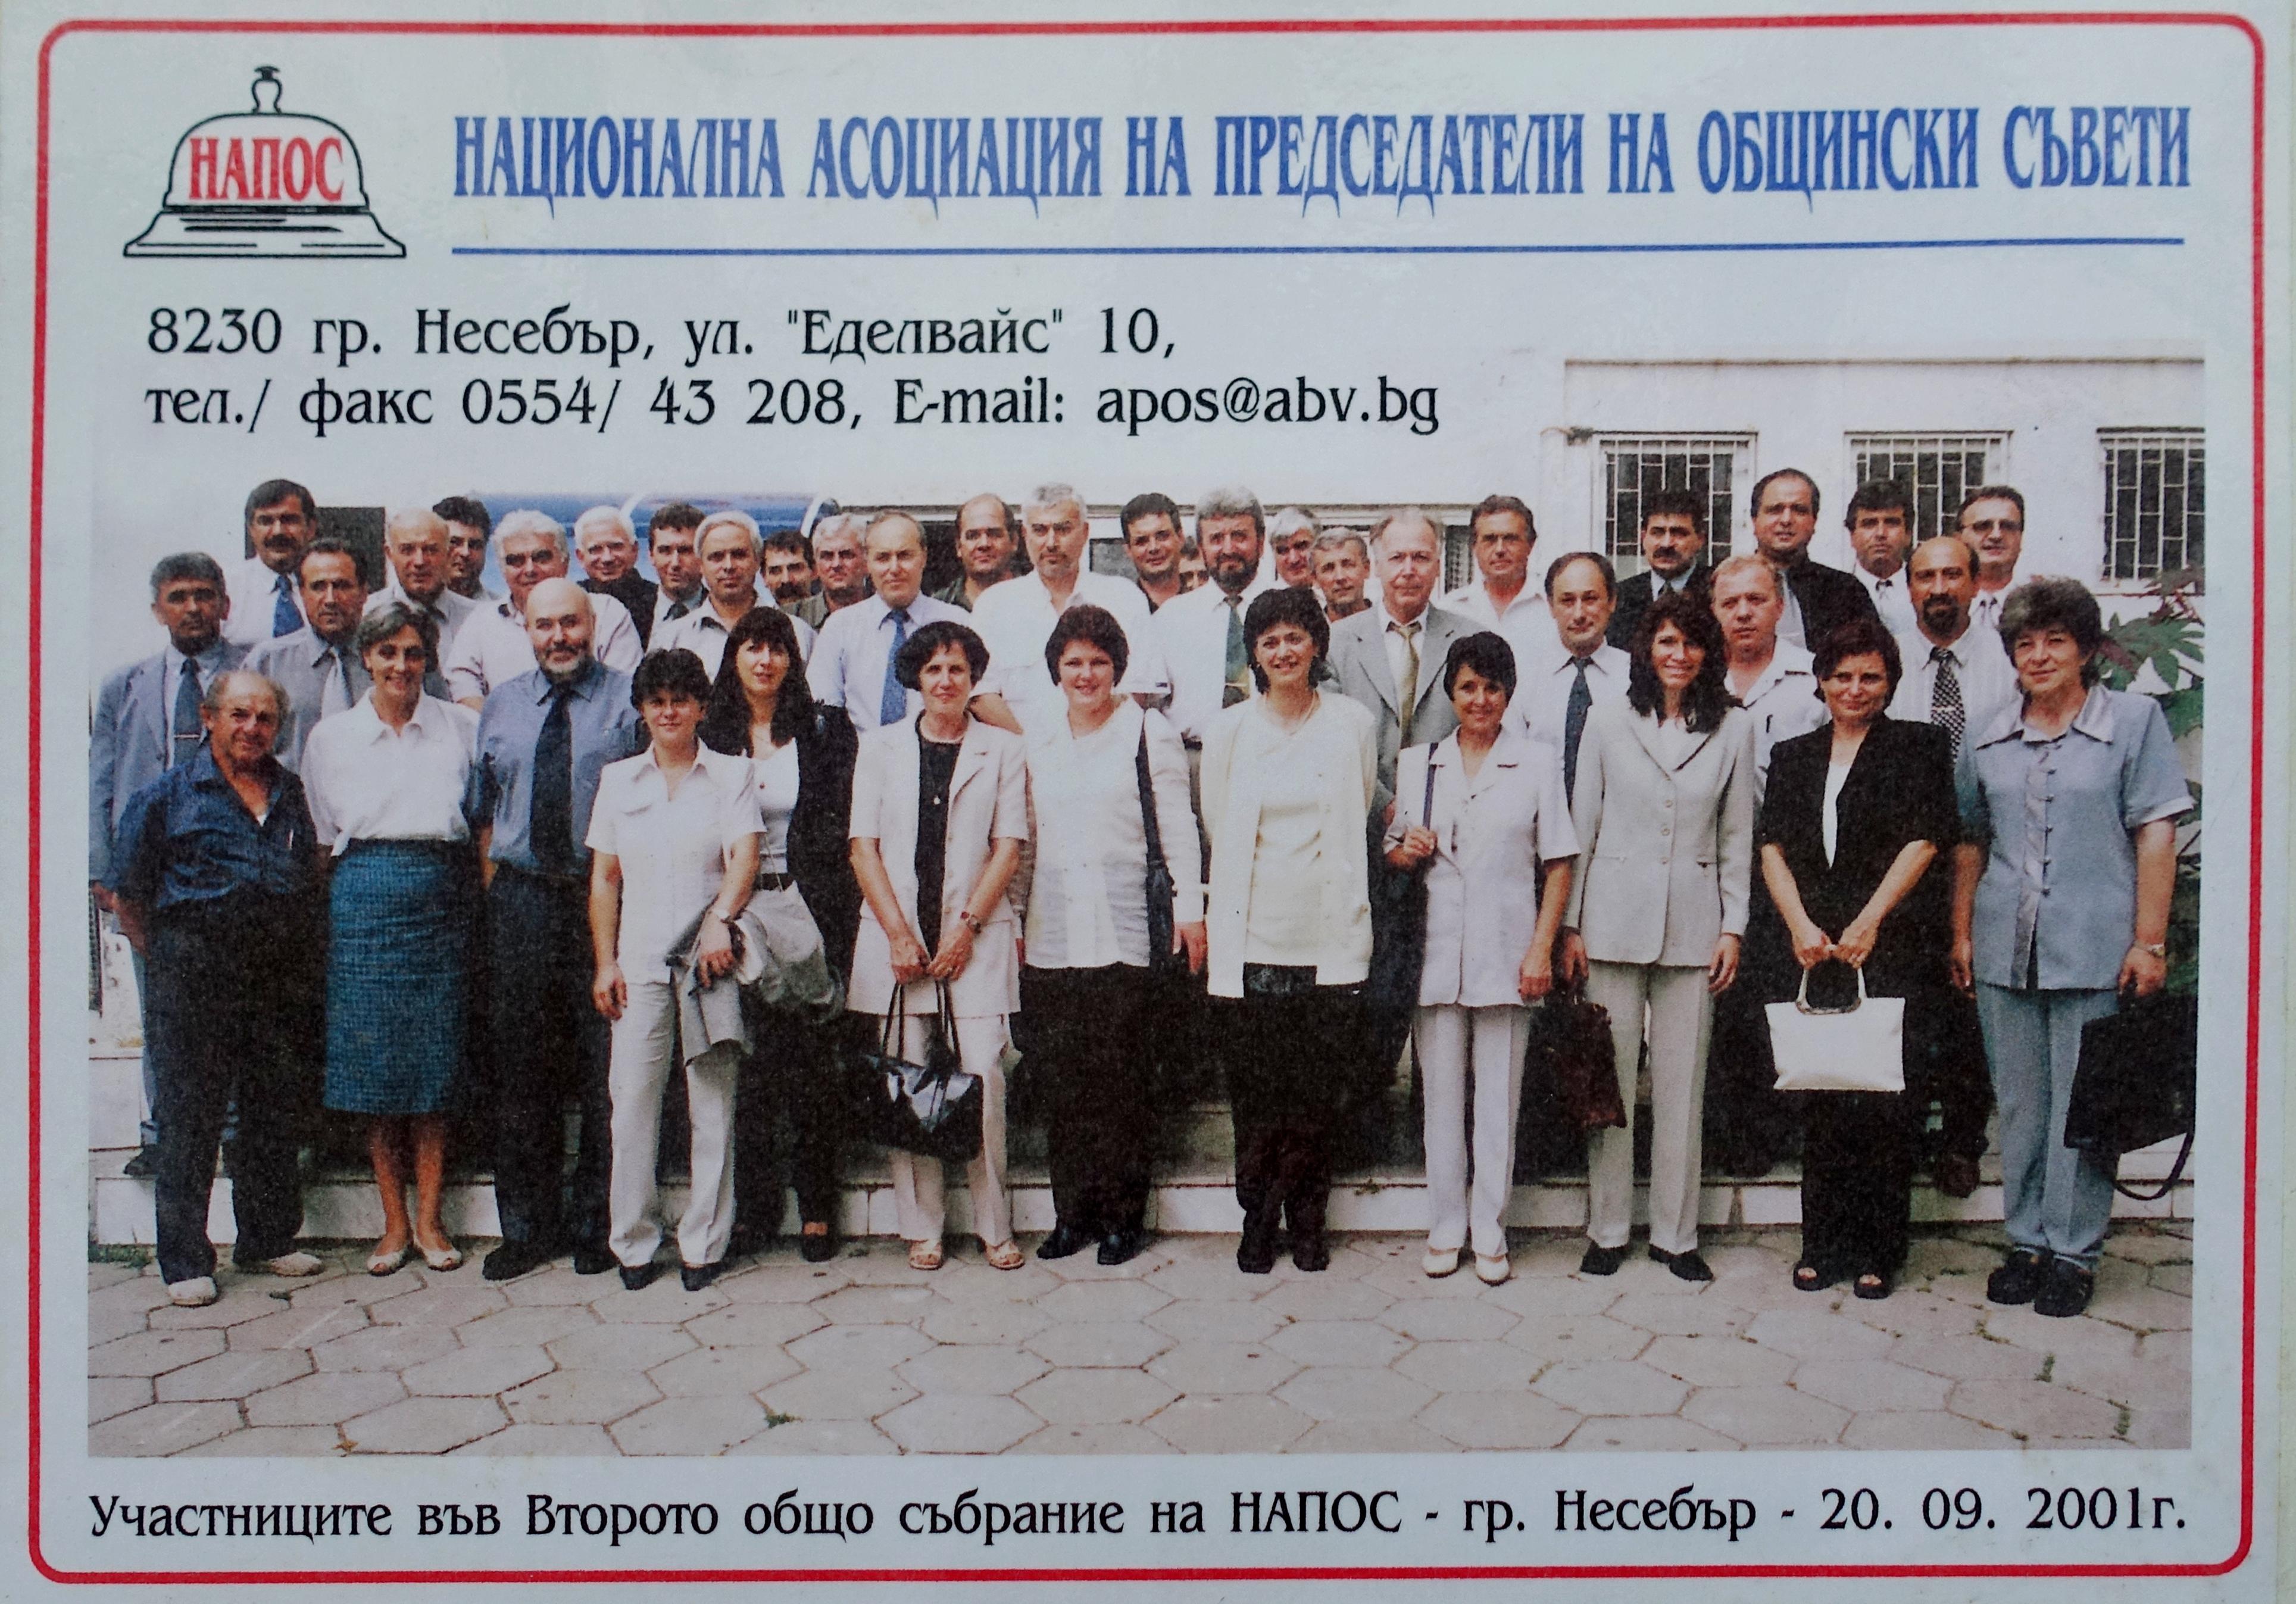 Що е то общински съвет и има ли почва в България?